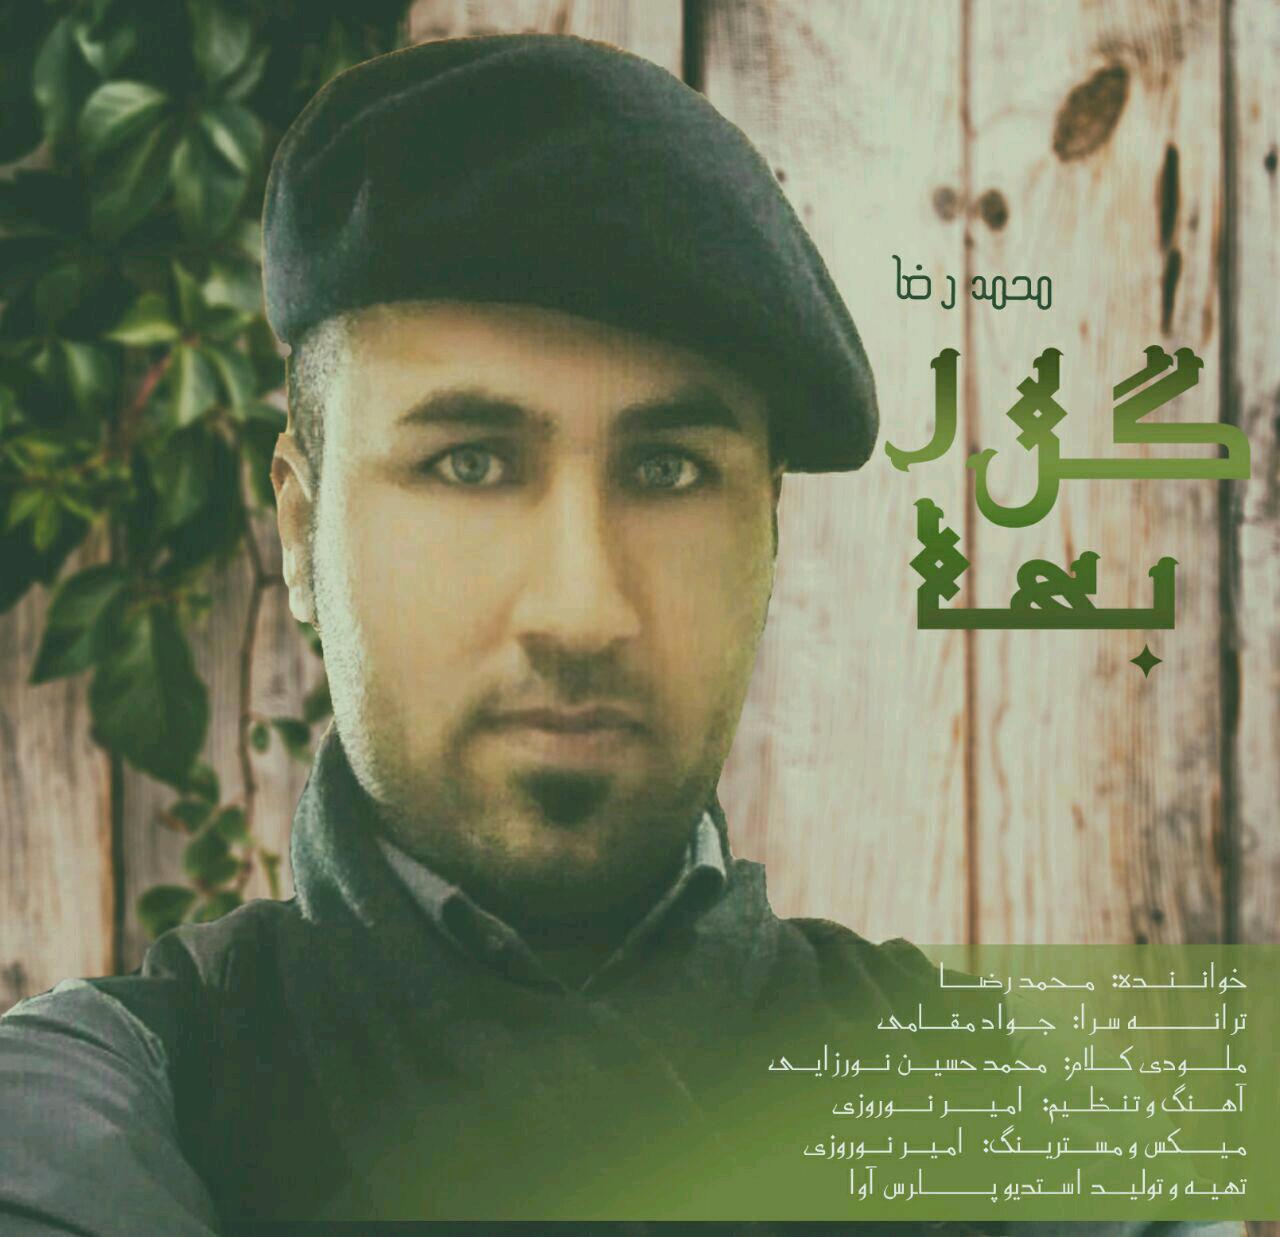 دانلود آهنگ جدید محمد رضا به نام گل بهار